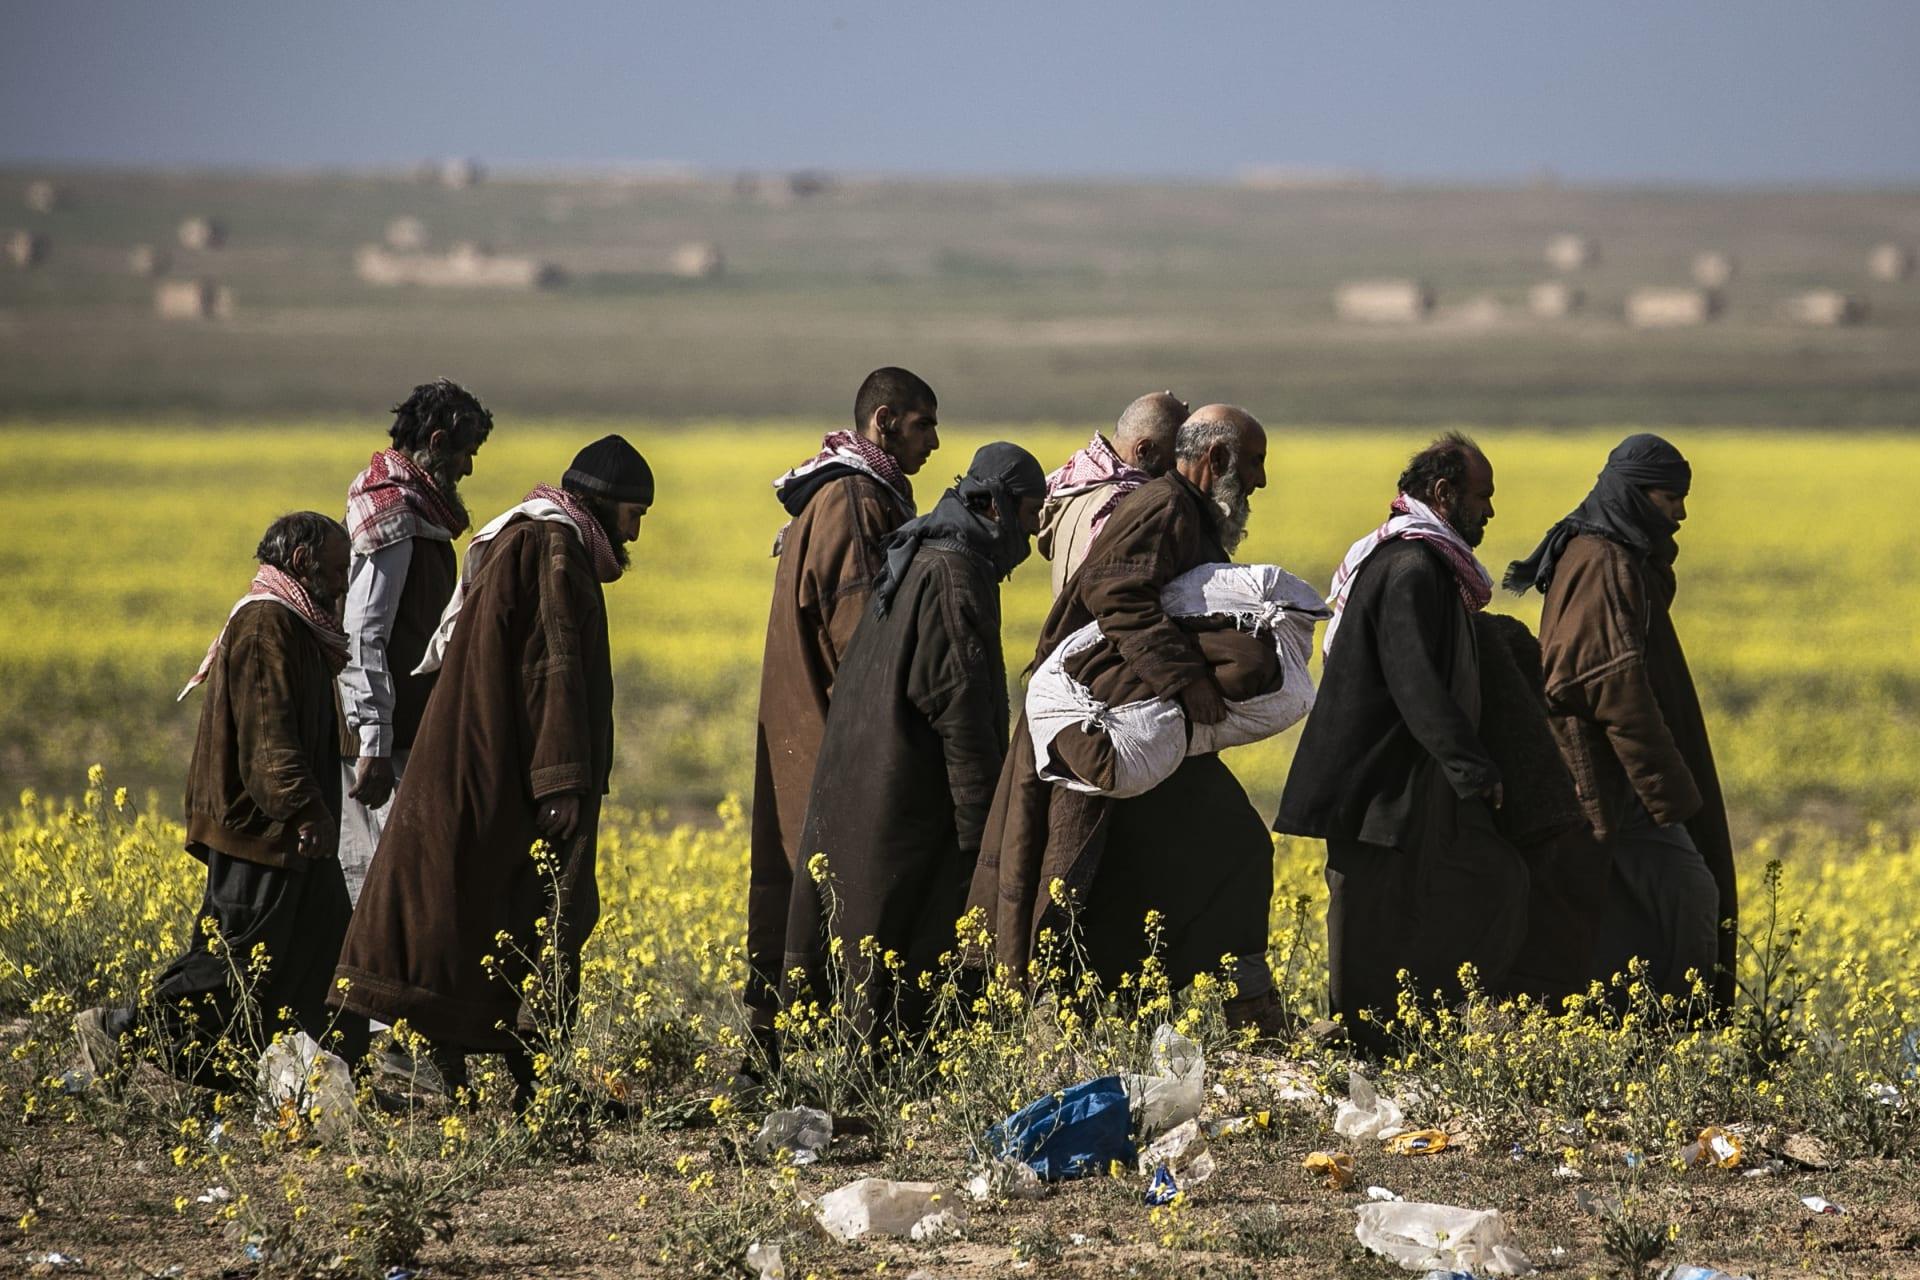 المغرب يسمح بعودة 8 مقاتلين بصفوف داعش.. وأمريكا ترحب